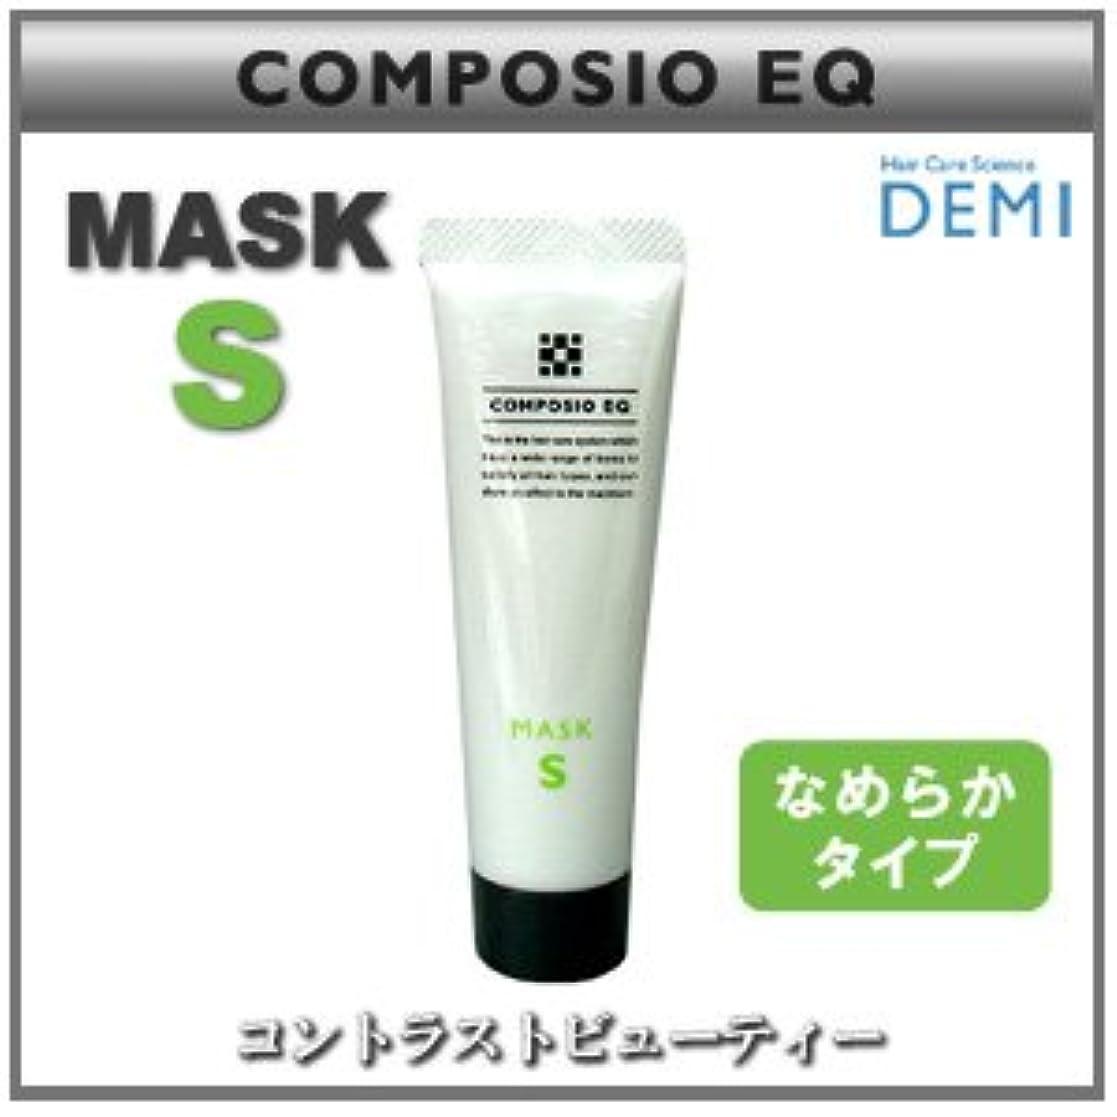 指紋大学院保証【X3個セット】 デミ コンポジオ EQ マスク S 50g